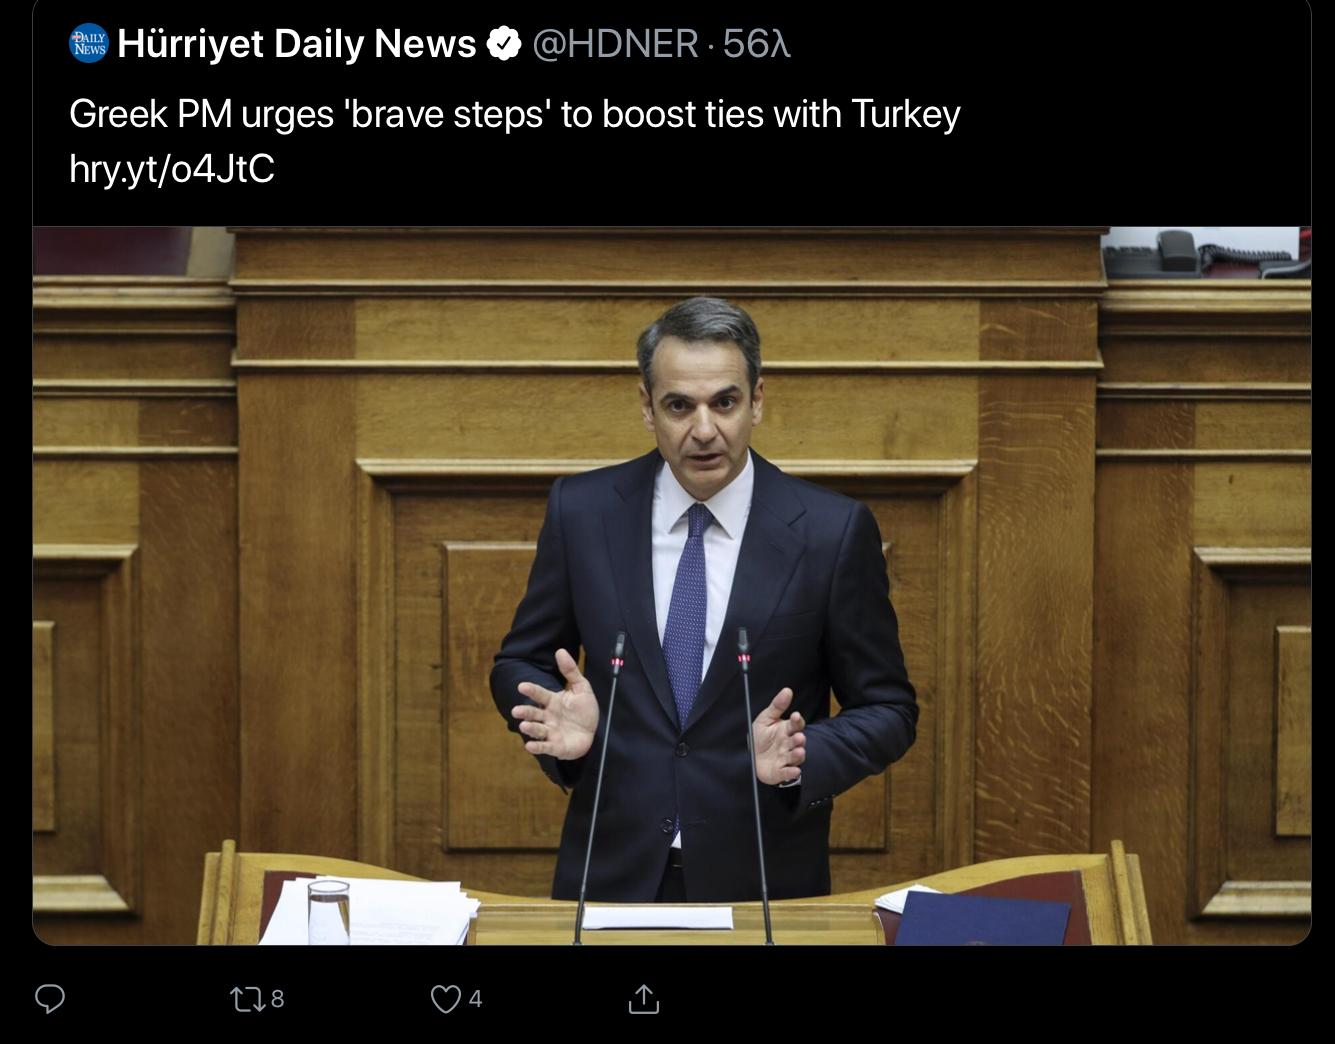 ΕΘΝΙΚΗ ΜΕΙΟΔΟΣΙΑ ΝΕΩΝ ΙΜΙΩΝ; Ετοιμάζει «Γενναία» συνεκμετάλλευση του Αιγαίου ο Κυριάκος Μητσοτάκης; Τι ξέρουν οι Τούρκοι που δεν μας λένε τα ελληνικά τουρκοκάναλα;